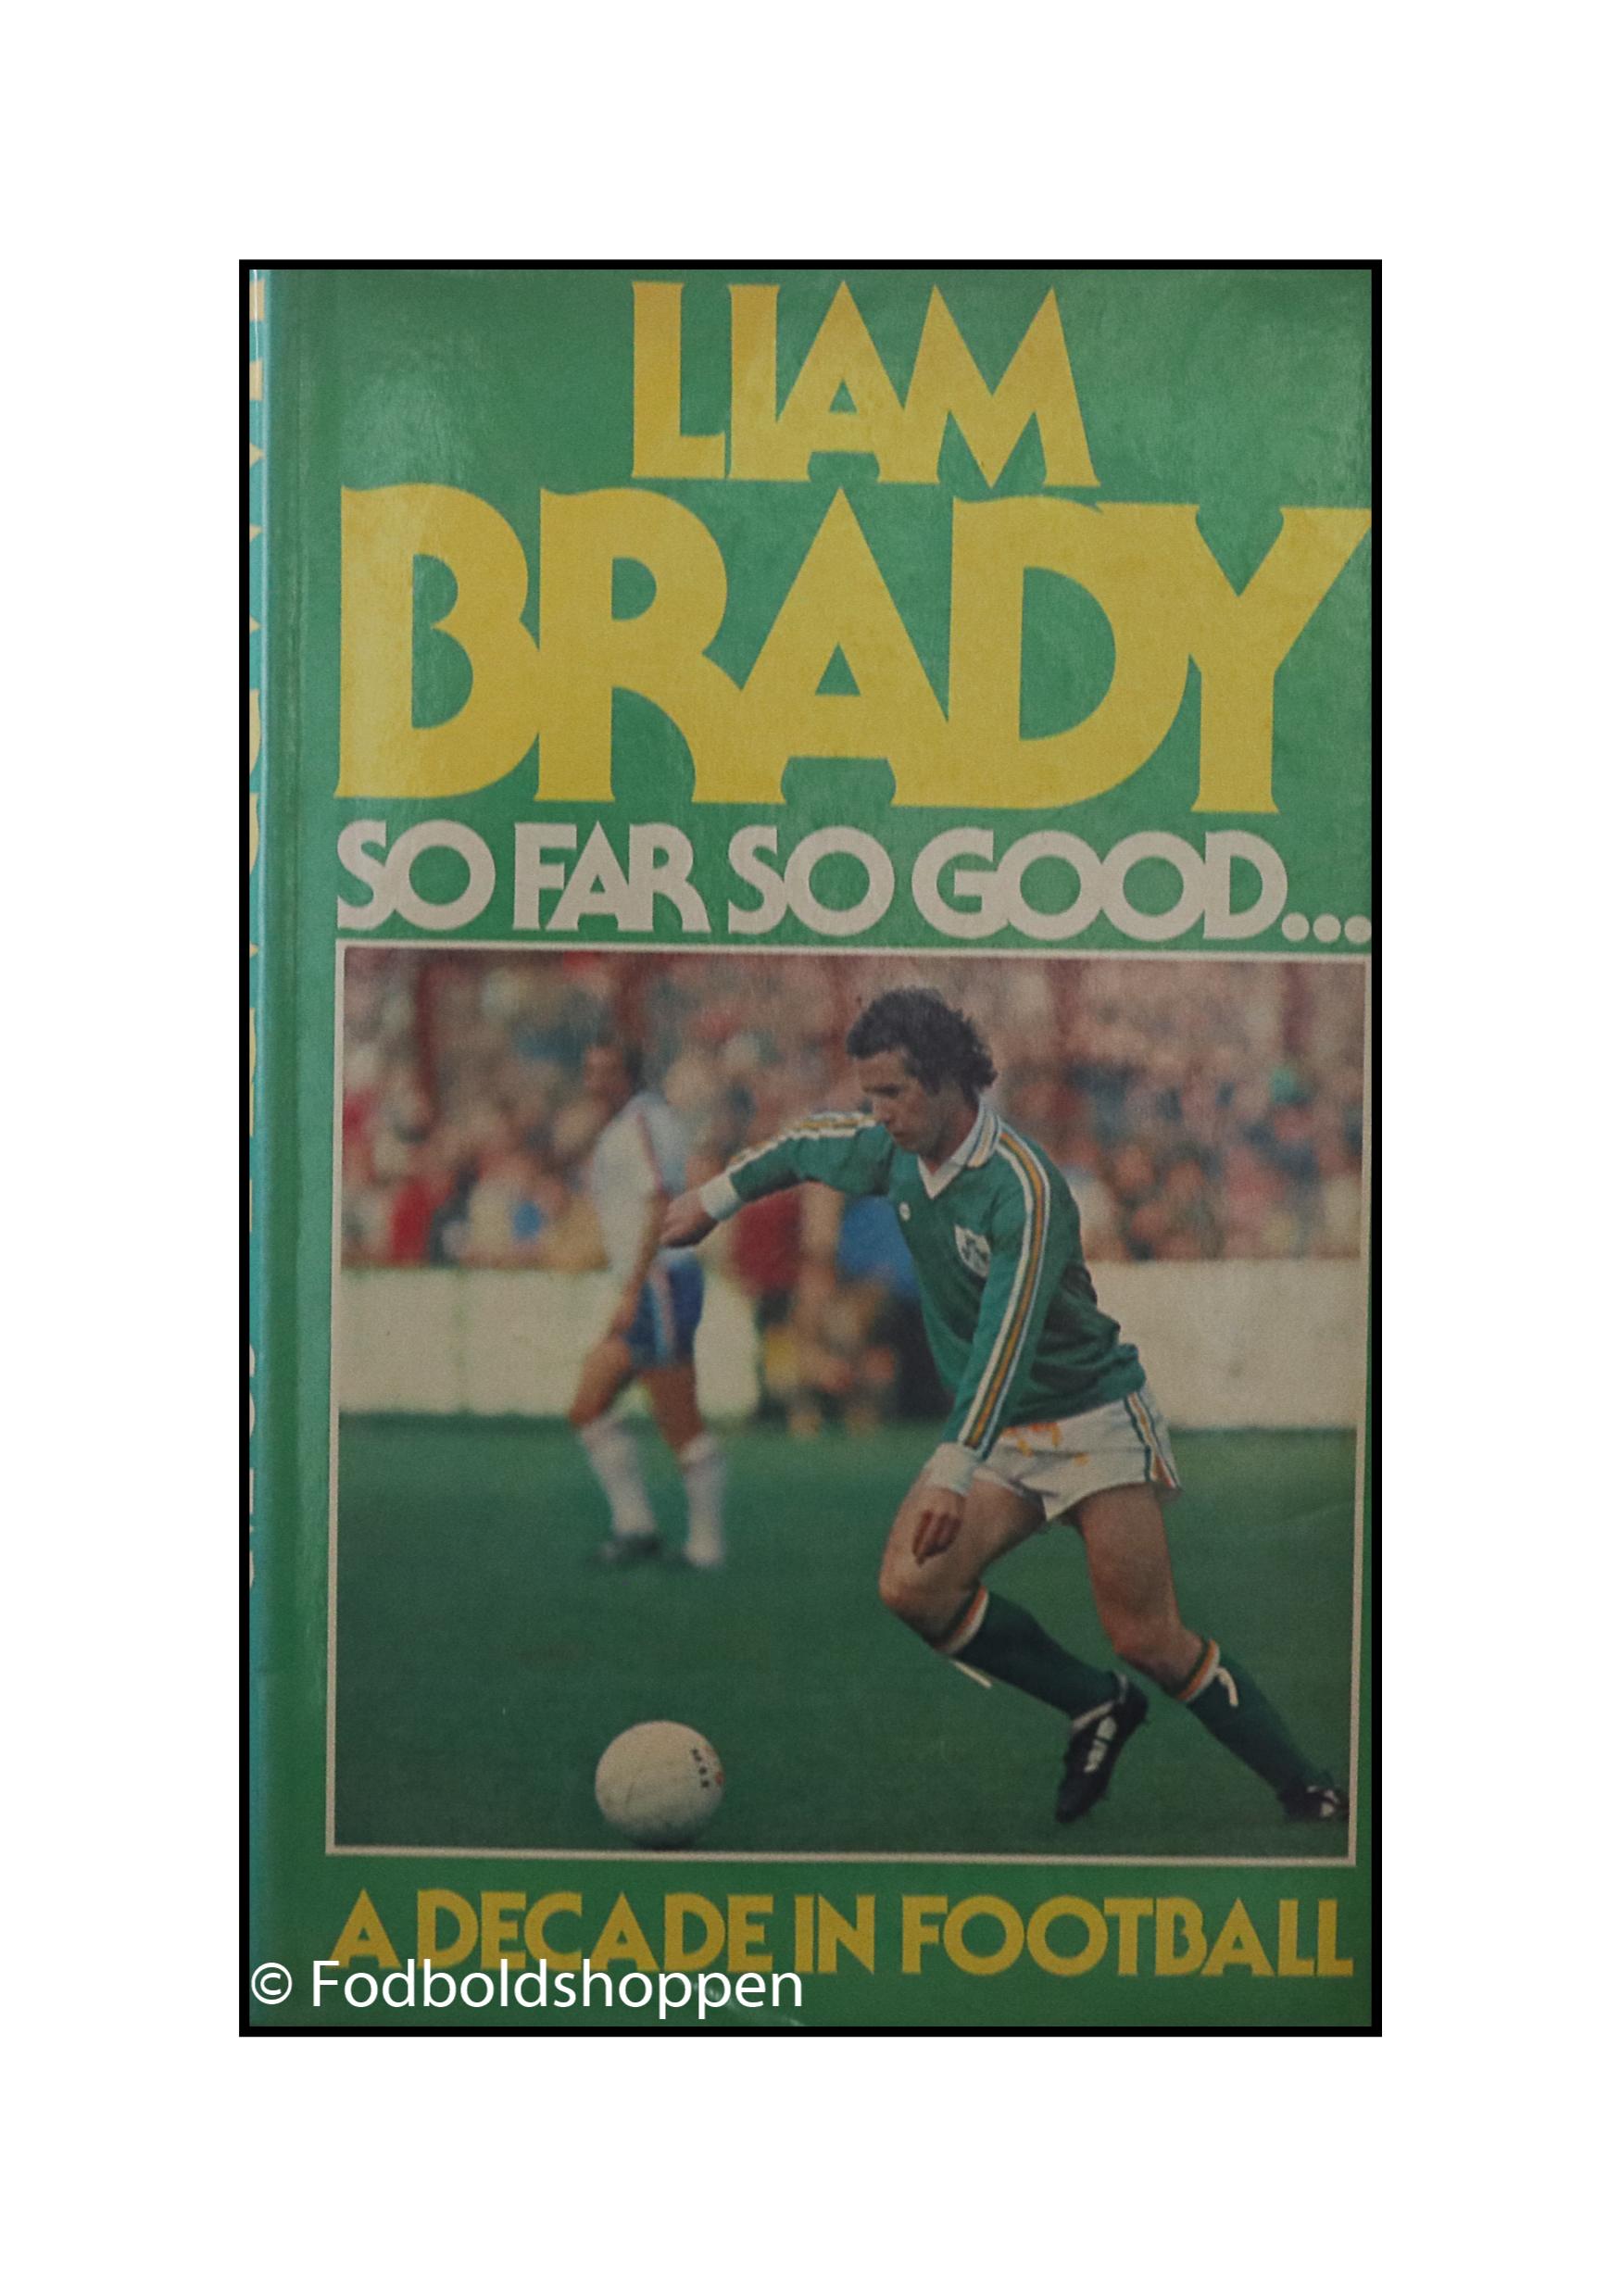 Liam Brady - So far So good - A decade in football